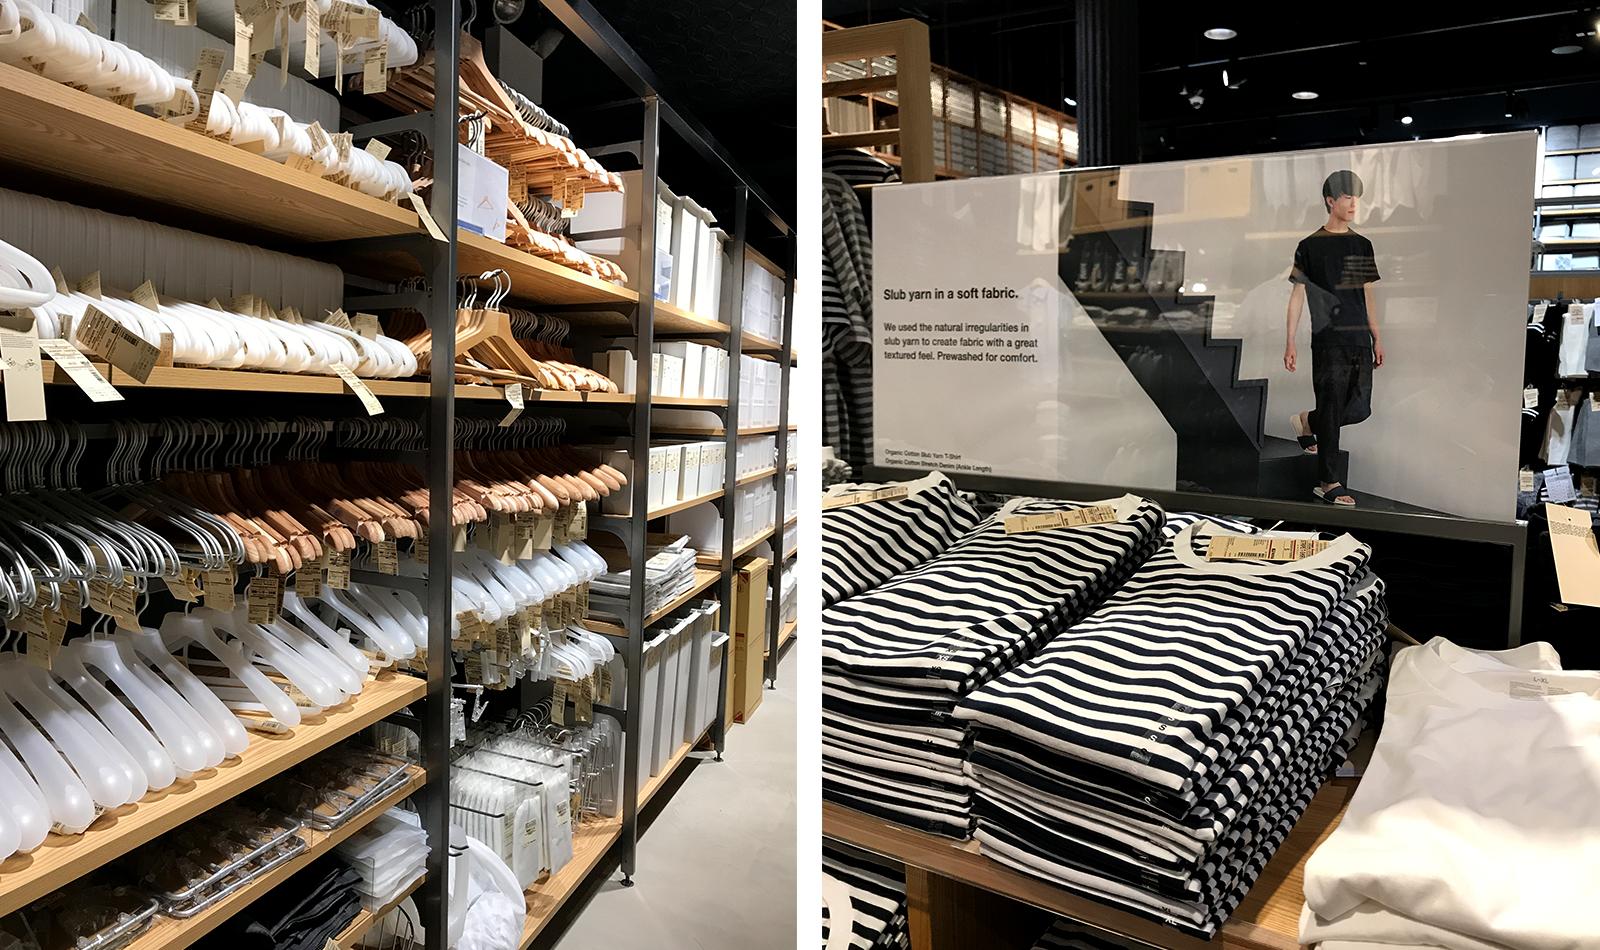 muji-closet-hangers-folded-shirts-2